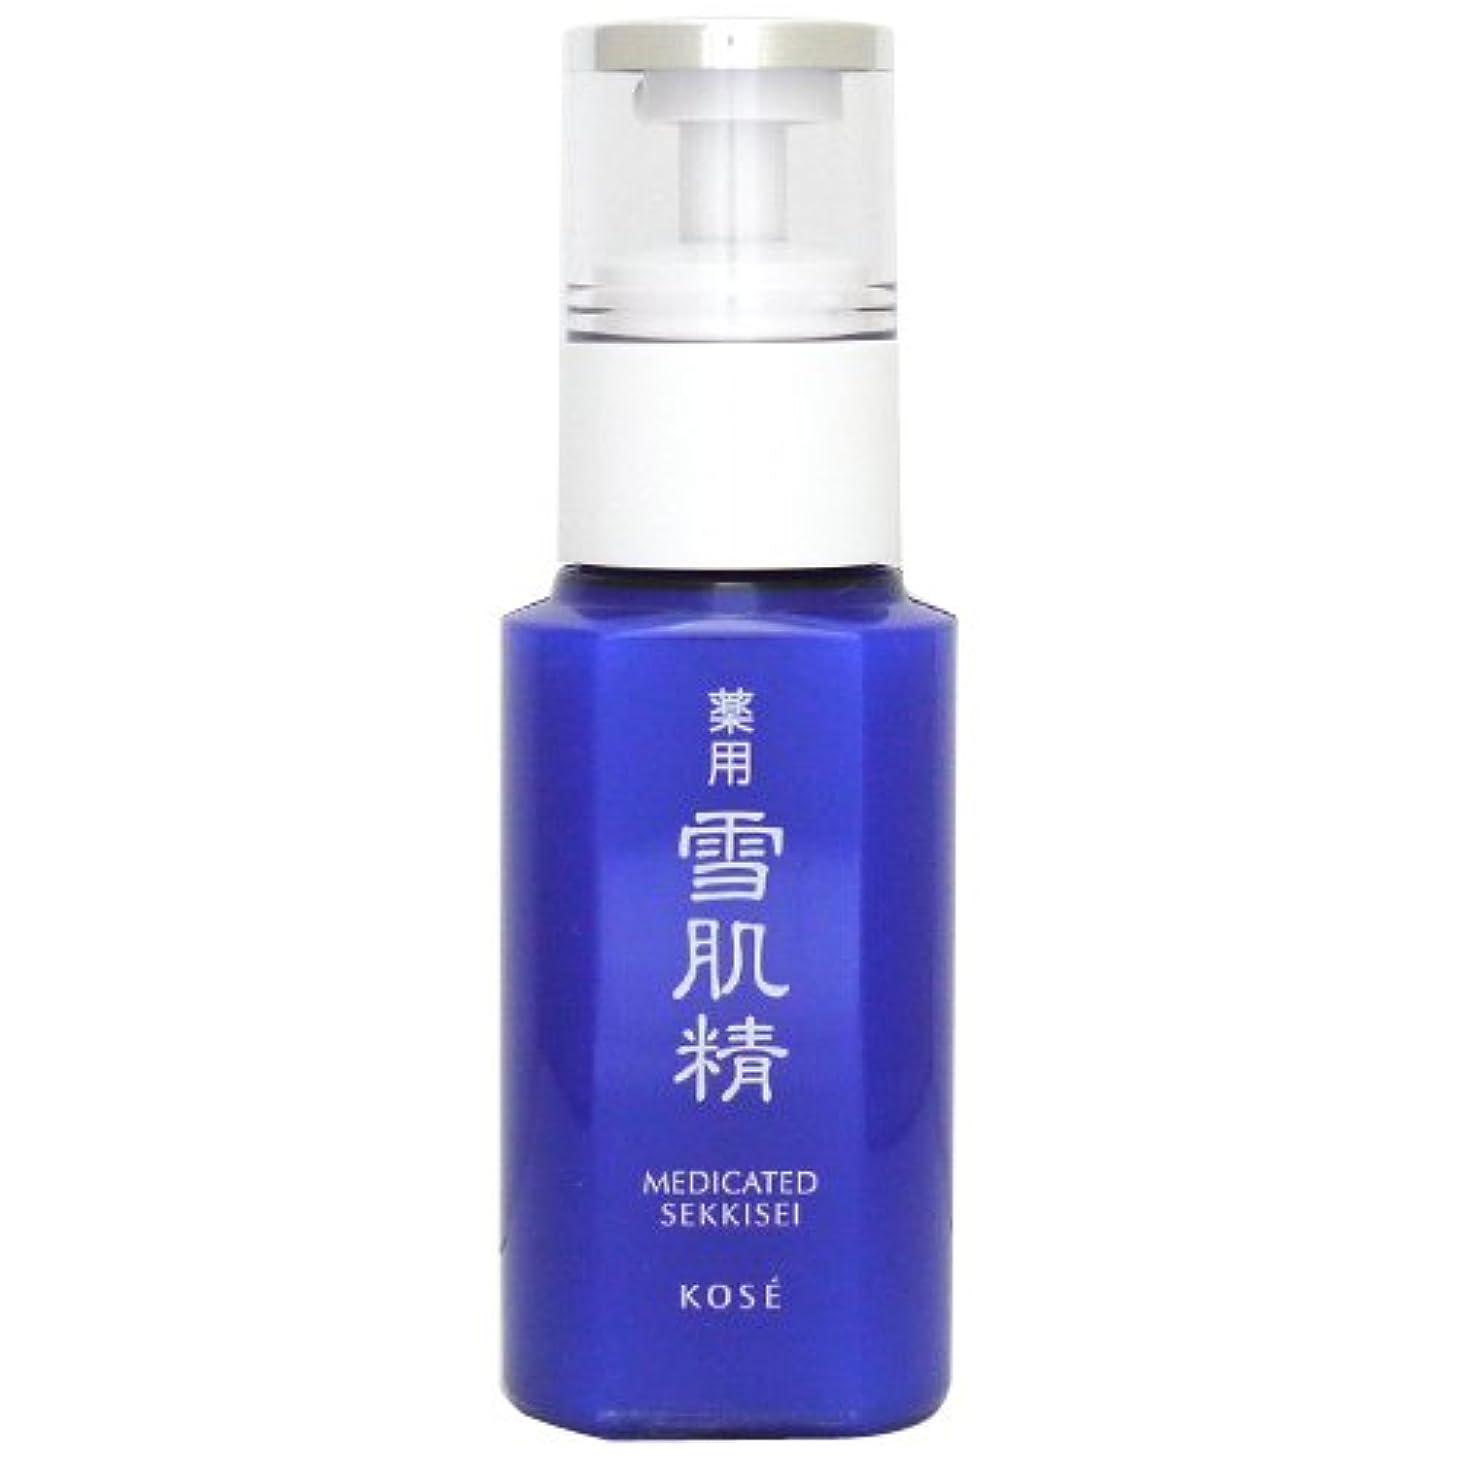 かる手綱類推コーセー雪肌精 薬用 乳液(トライアルサイズ) 限定 【save the blue】 70mL